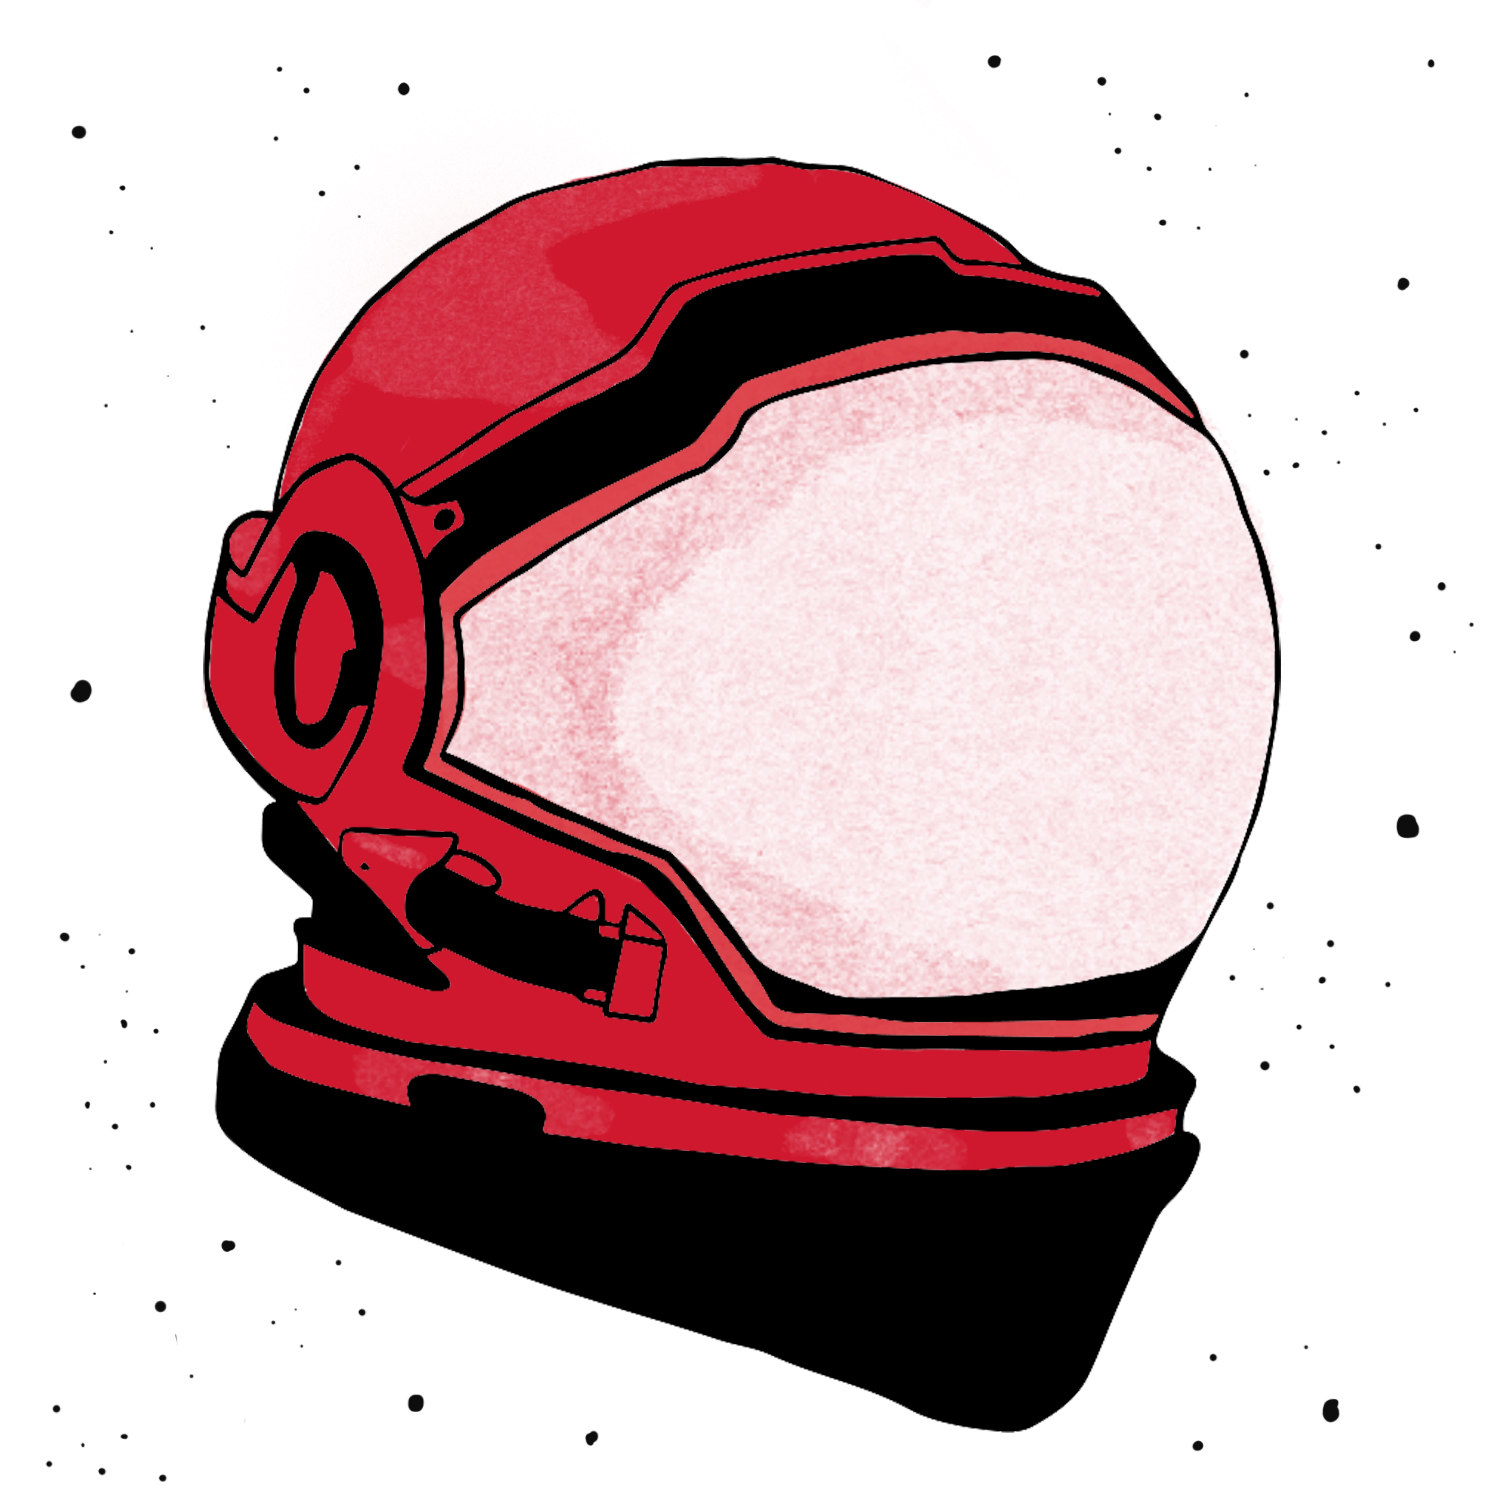 Illustrated Space Helmet